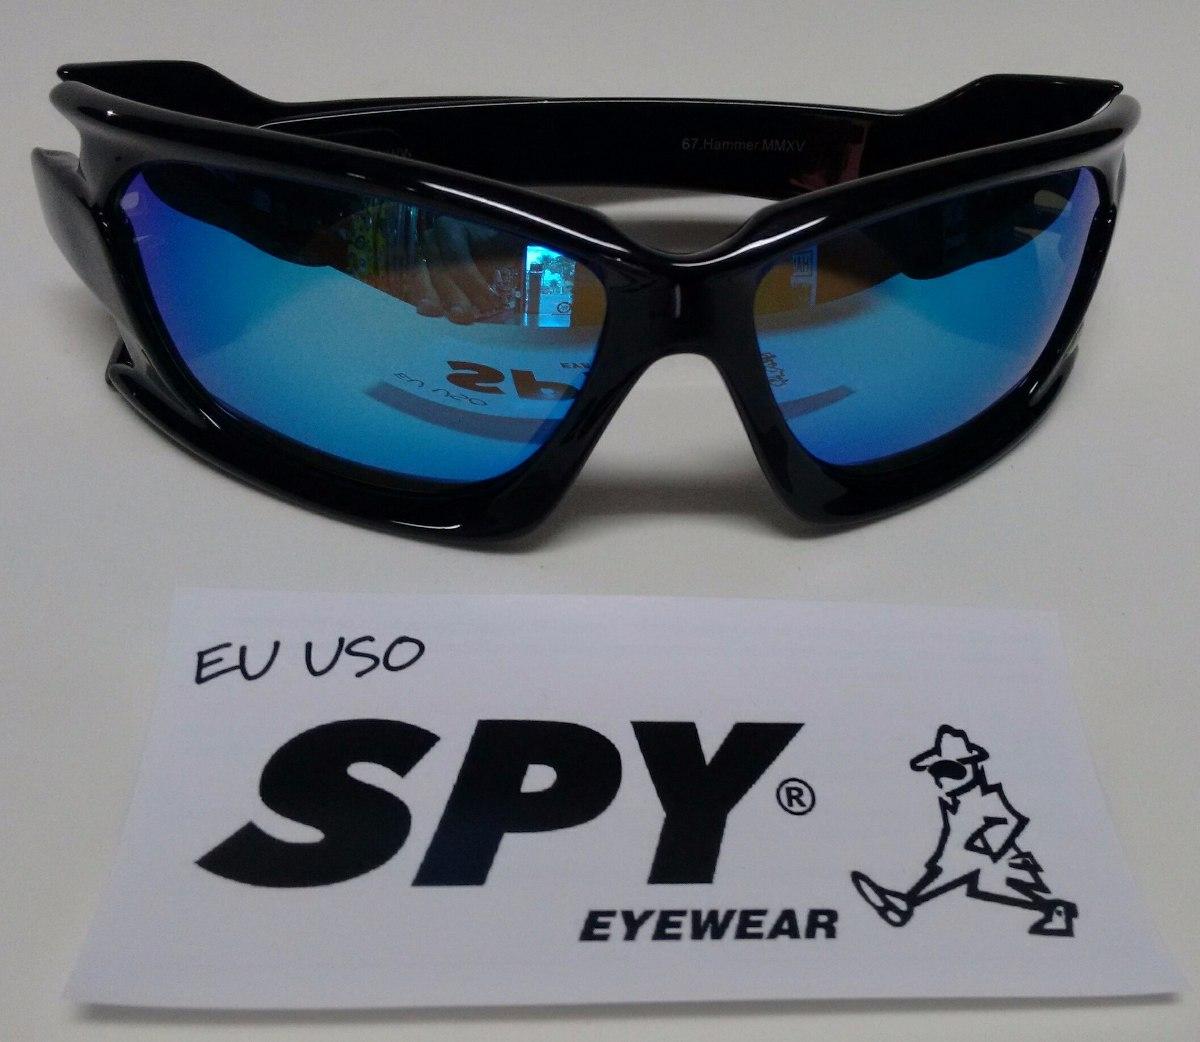 749b4b1dd0e5c oculos de sol spy original - md 67 preta lente azul ref 012. Carregando zoom .